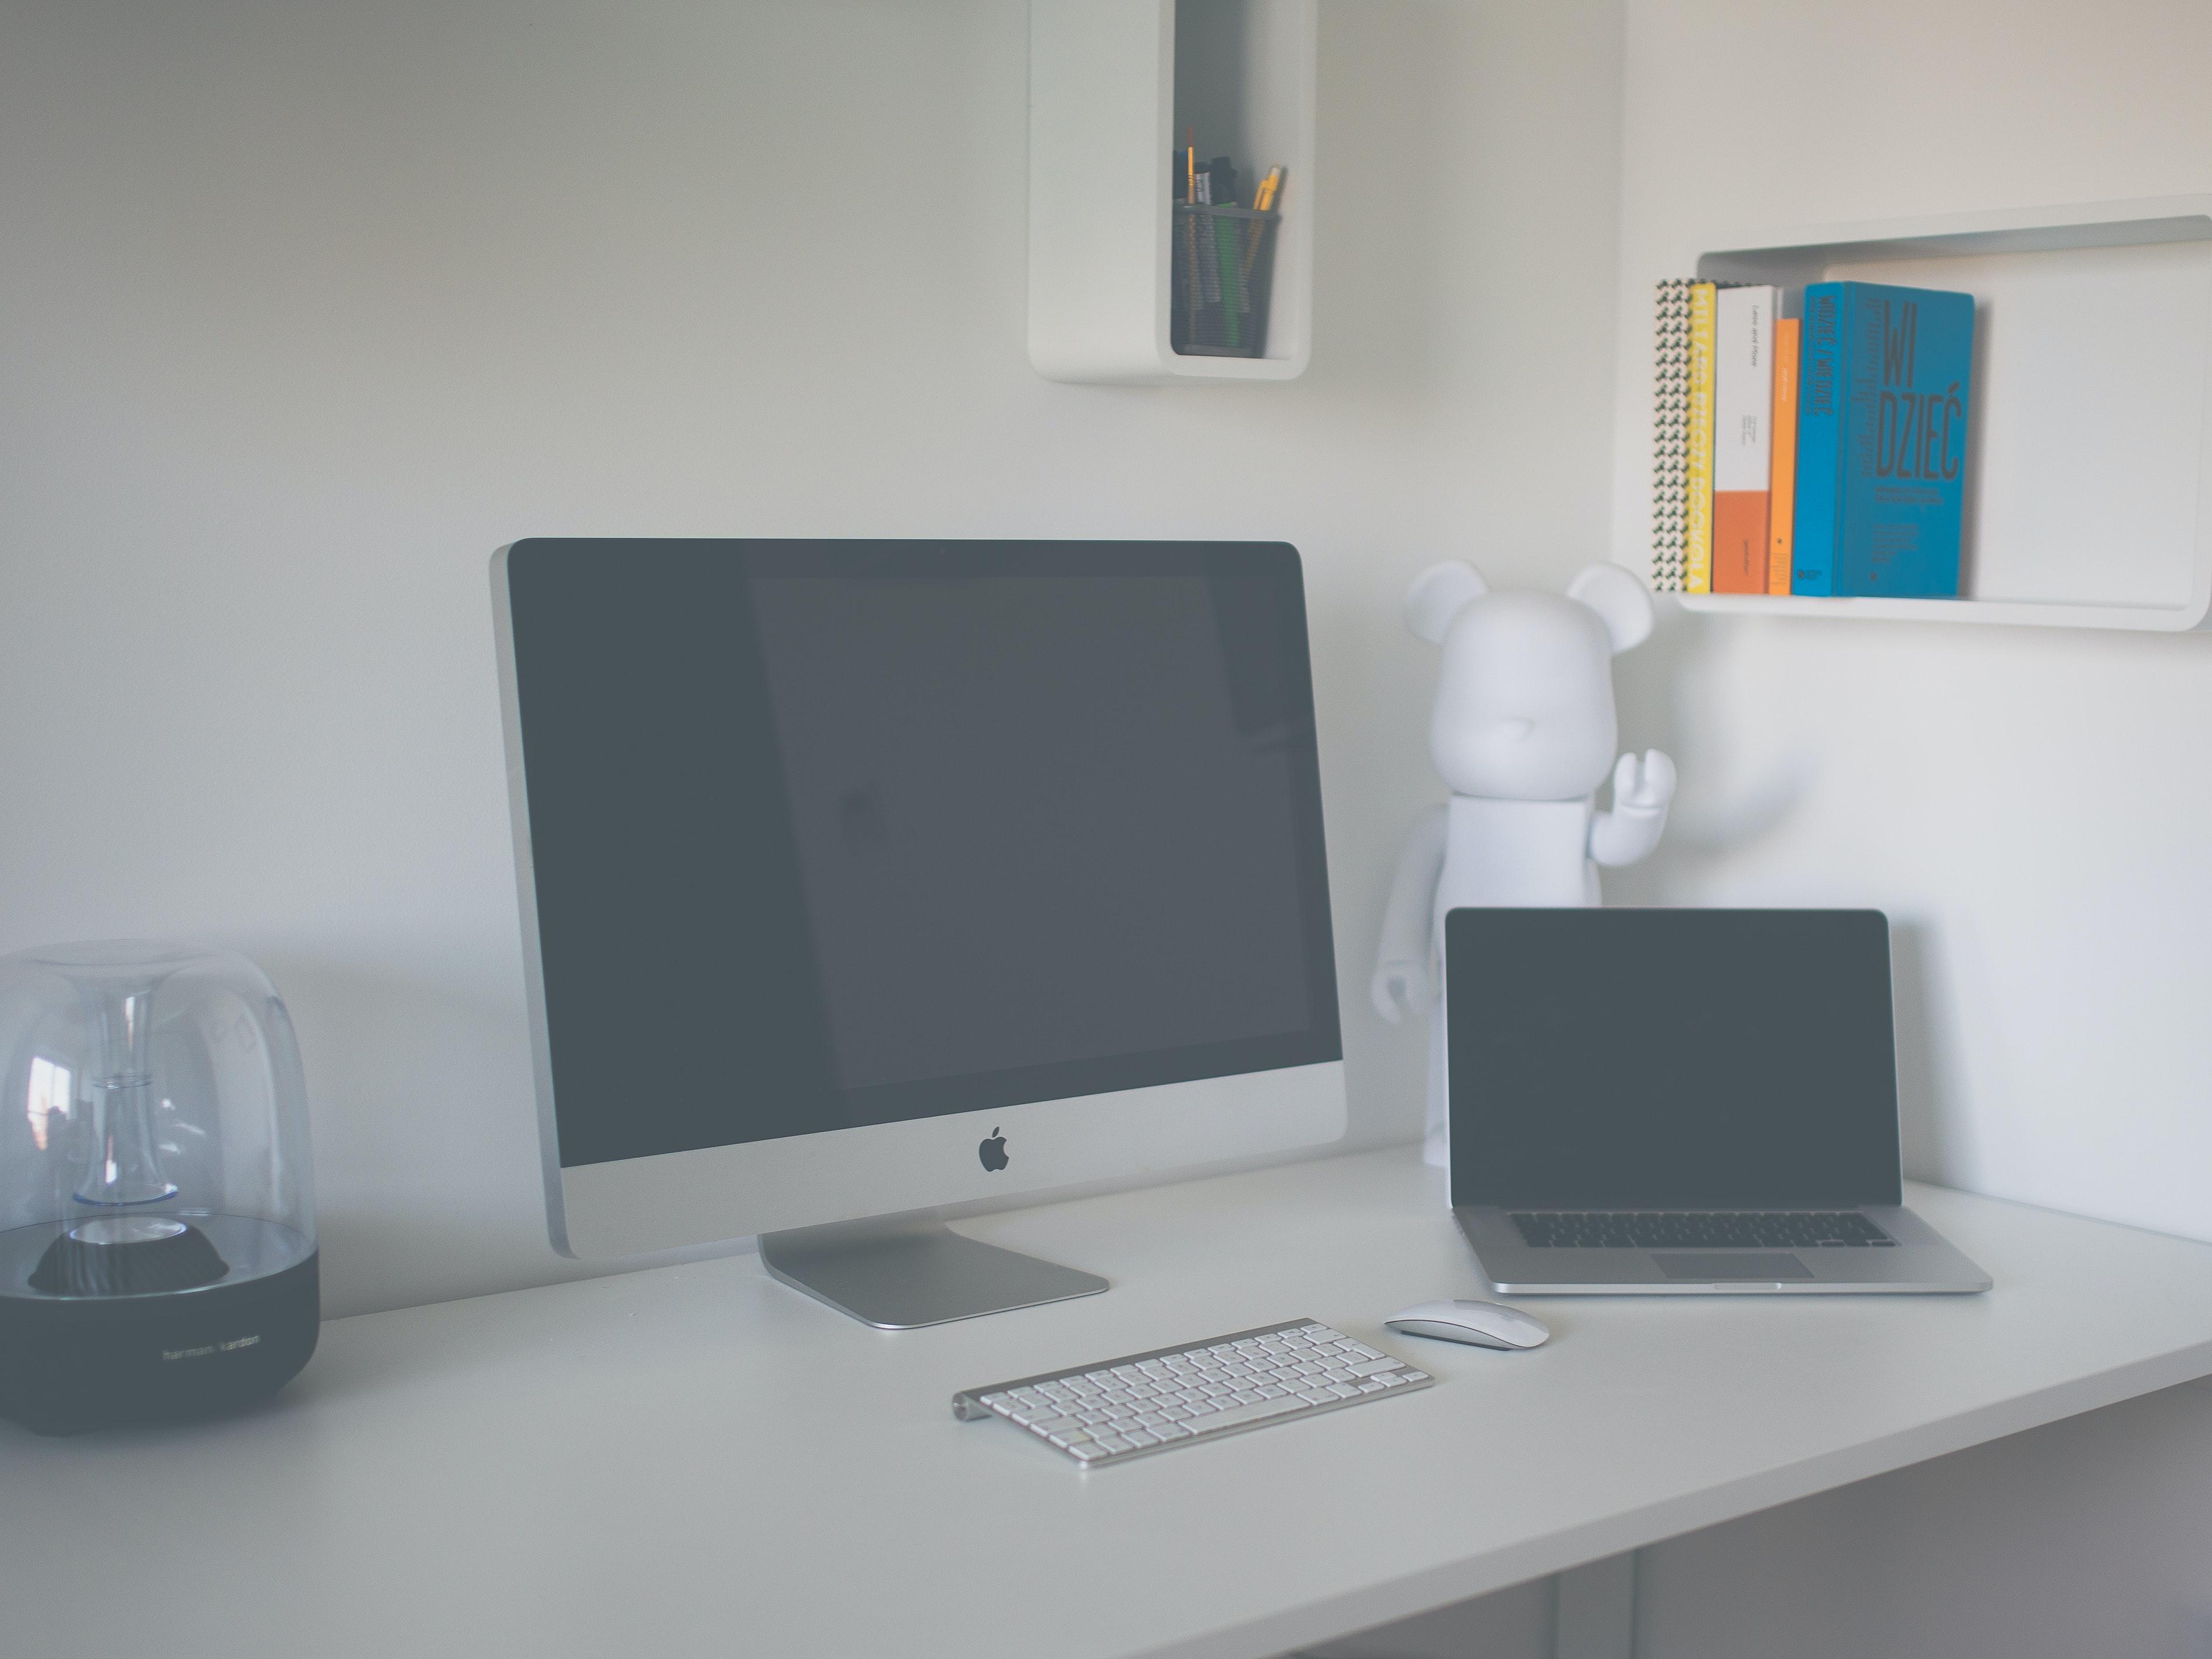 Image result for site:unsplash.com macbook